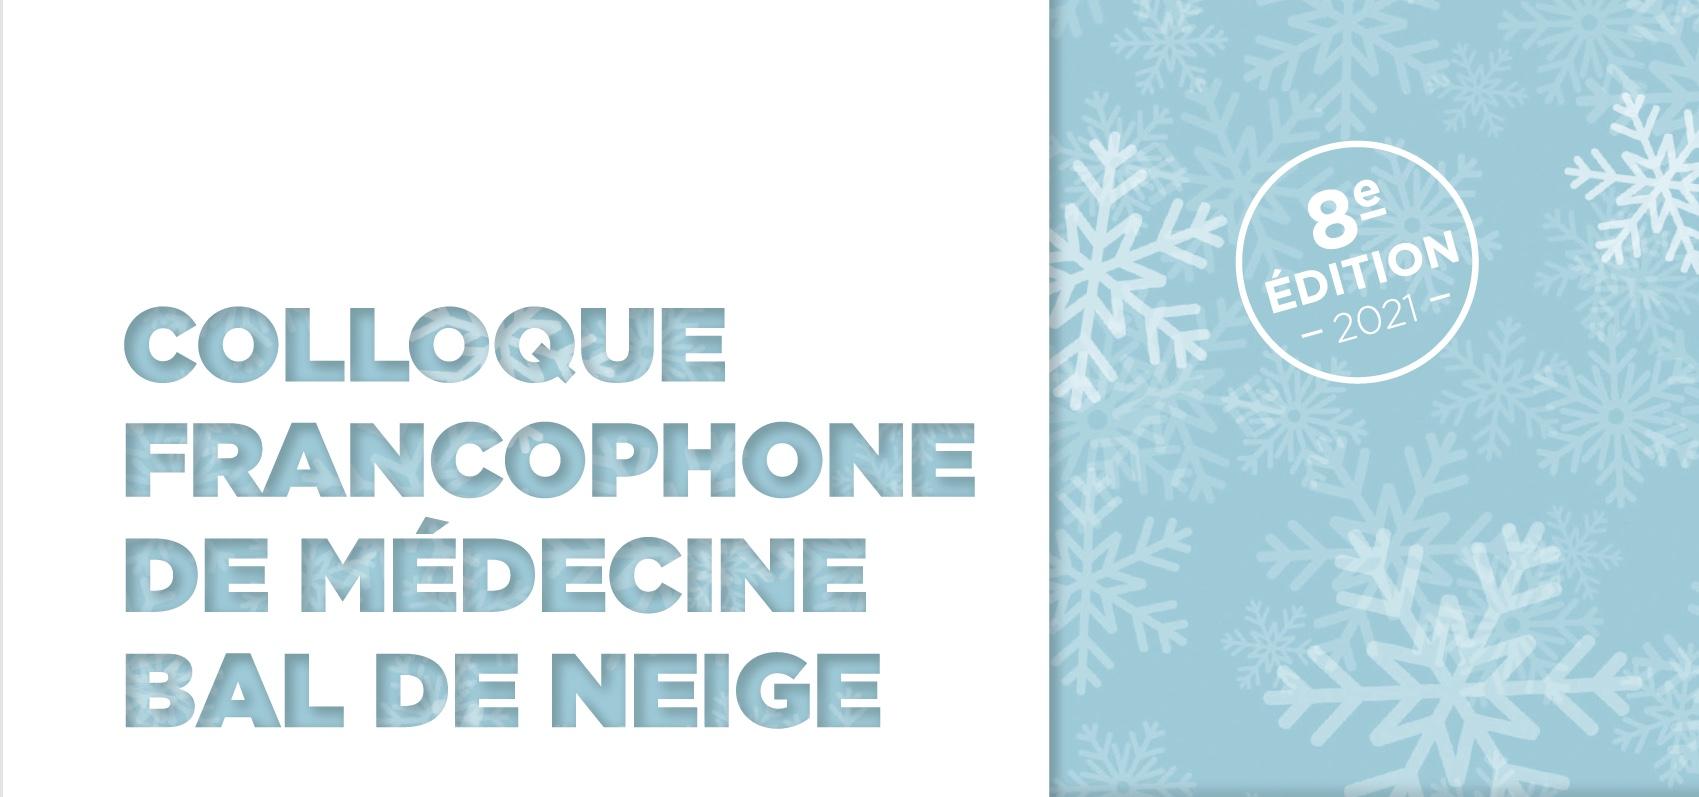 Colloque francophone de médecine BDN2021